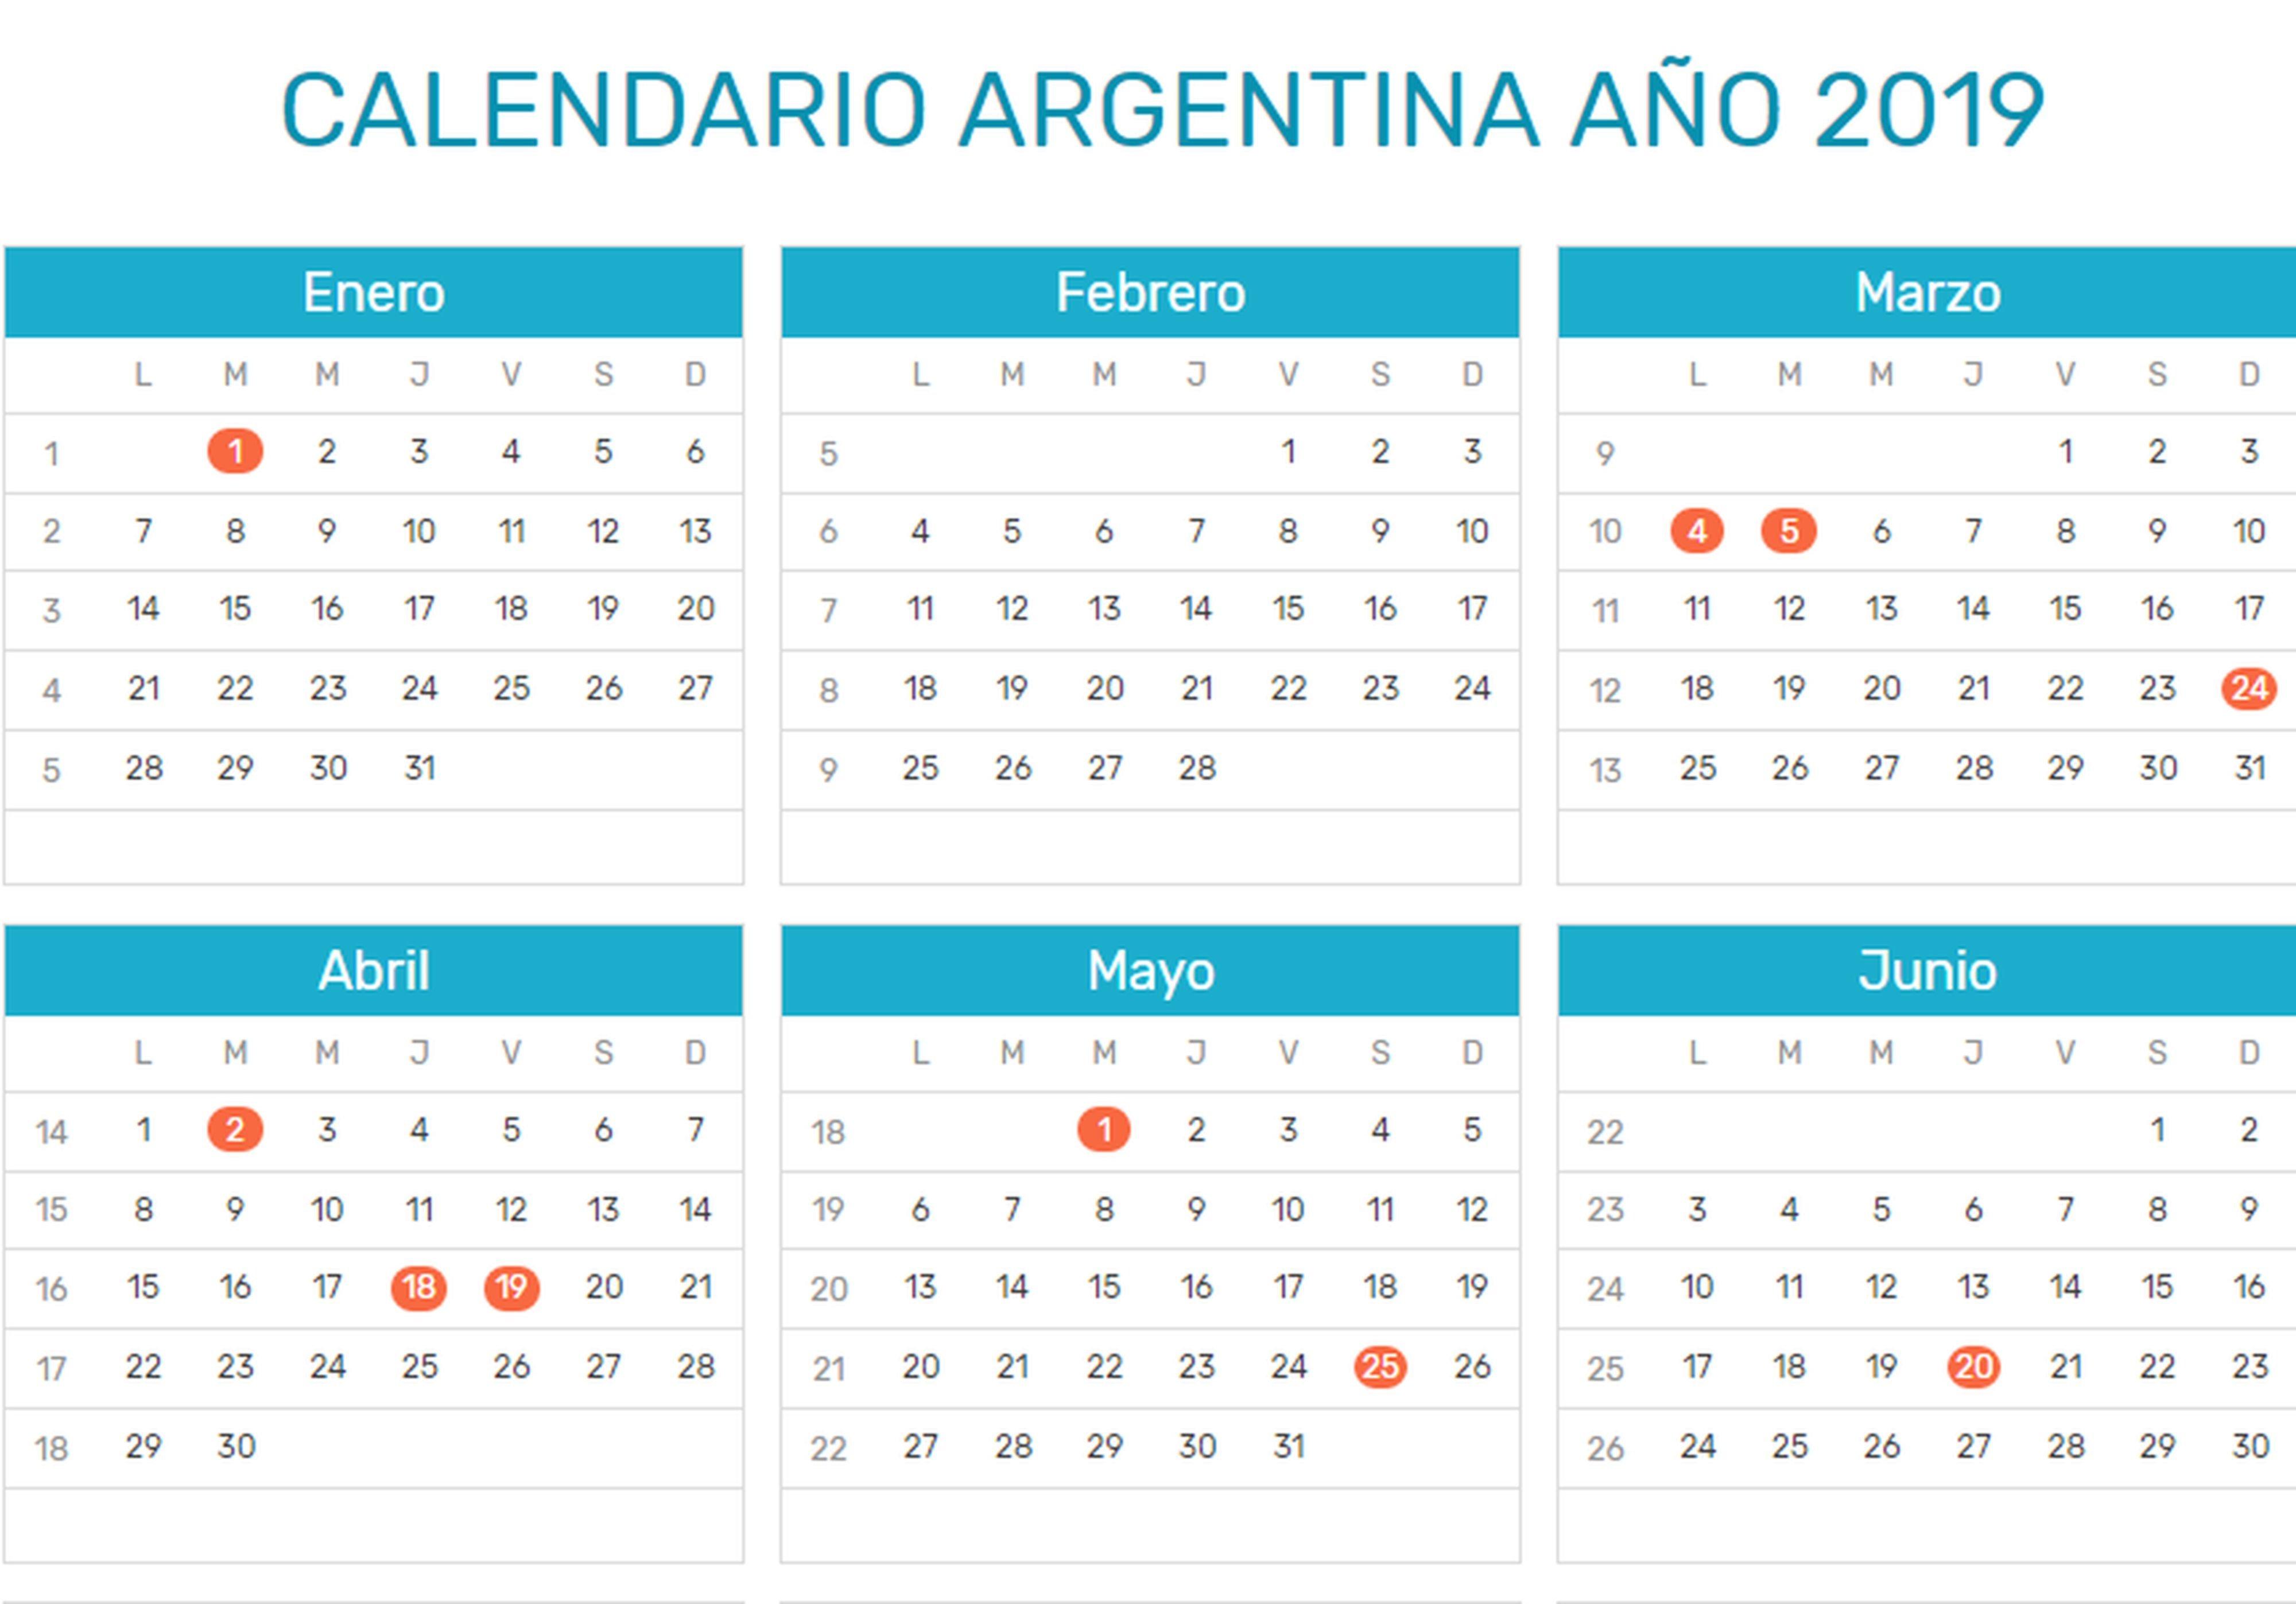 Calendario Agosto 2019 Con Feriados.Para Agendar El 2019 Tendra 19 Feriados Y Tres De Ellos